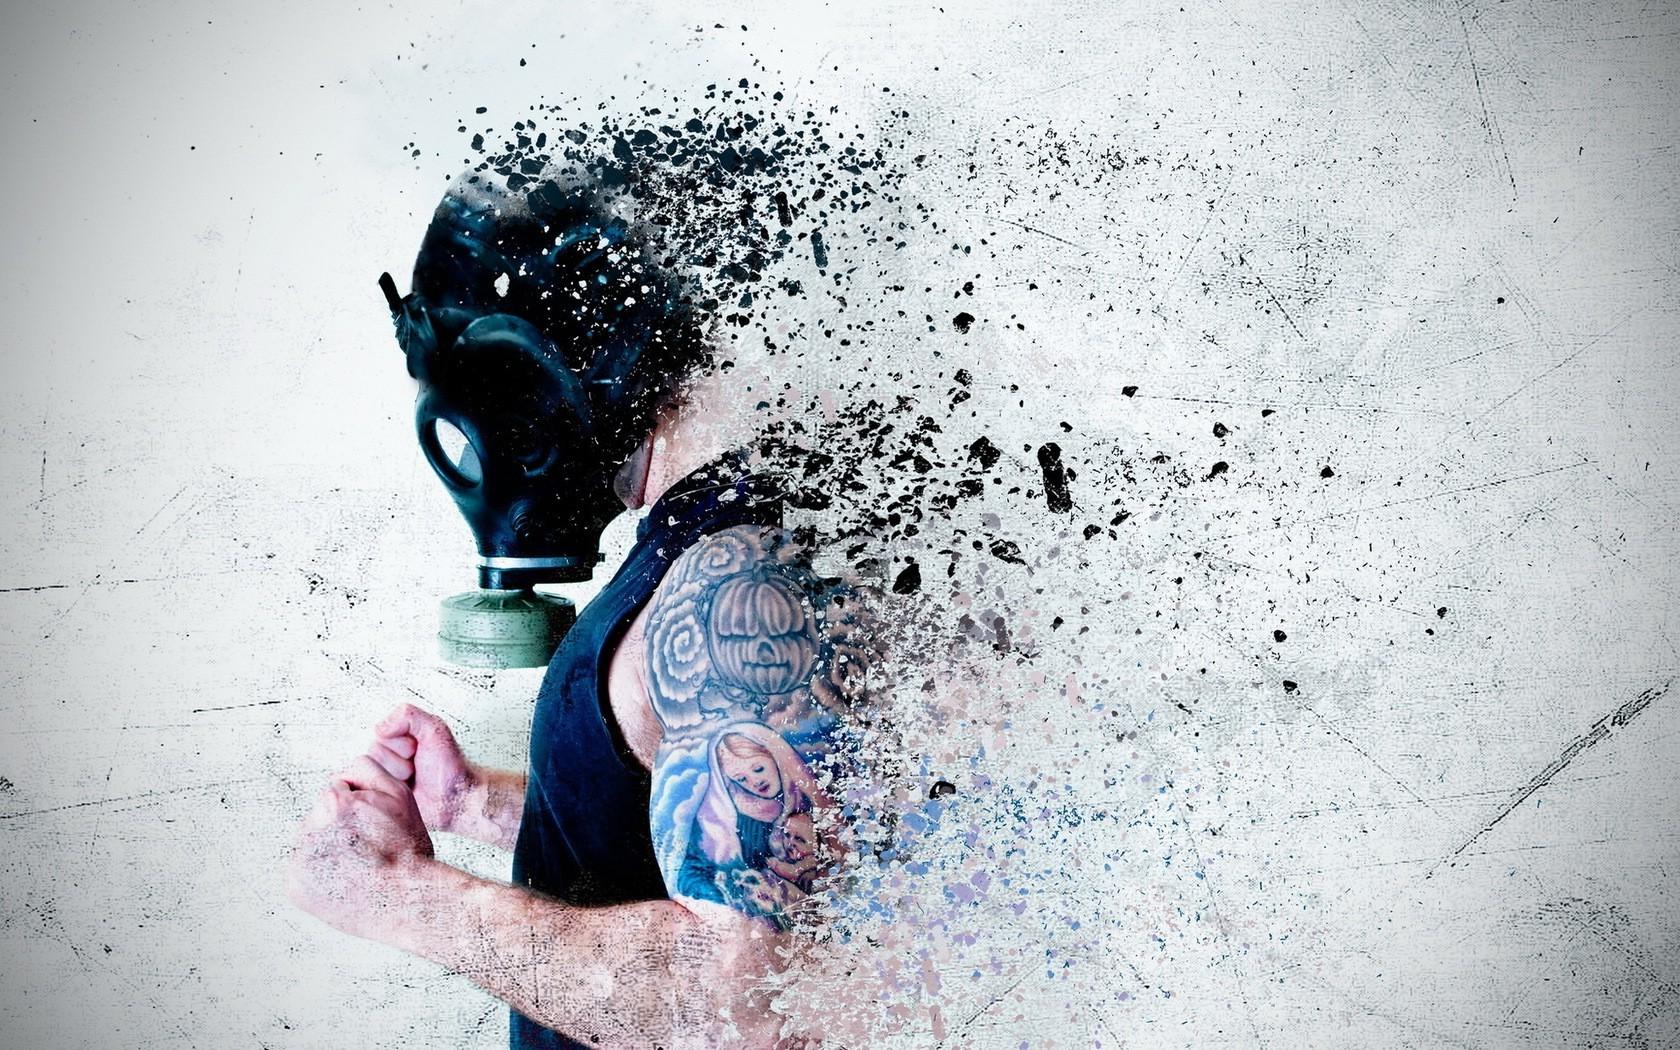 Girl Mask Wallpaper Wallpaper Men Drawing White Gas Masks Water Tattoo